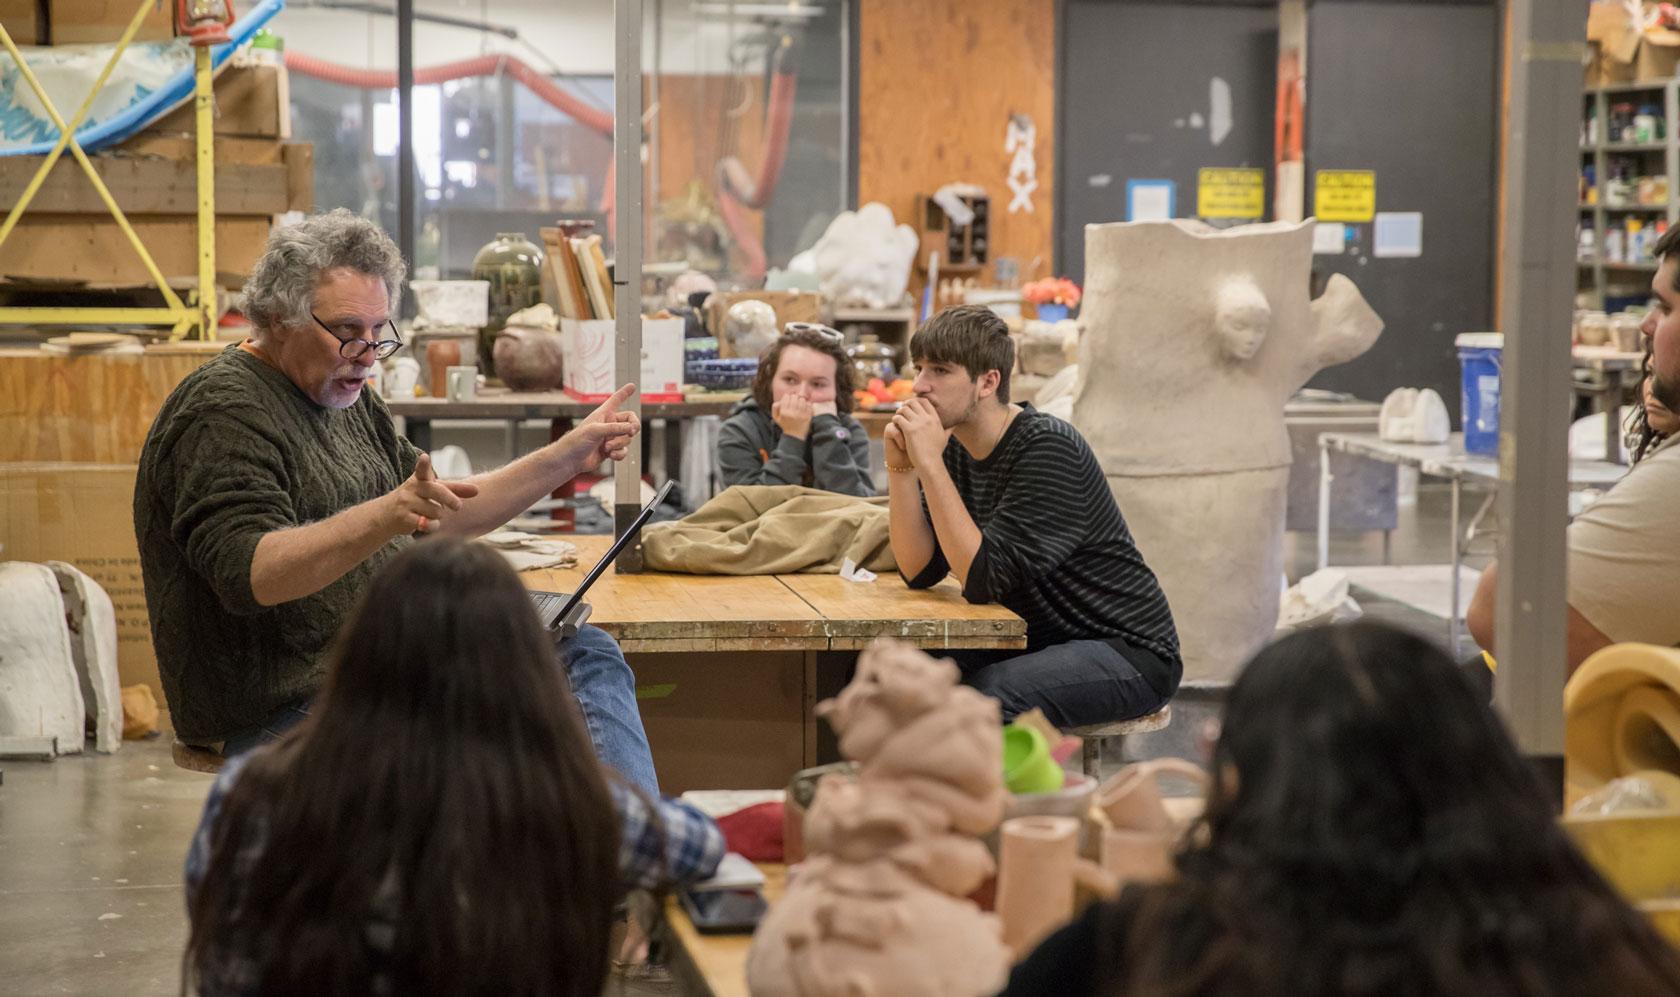 Profesor de arte discutiendo sobre cerámica